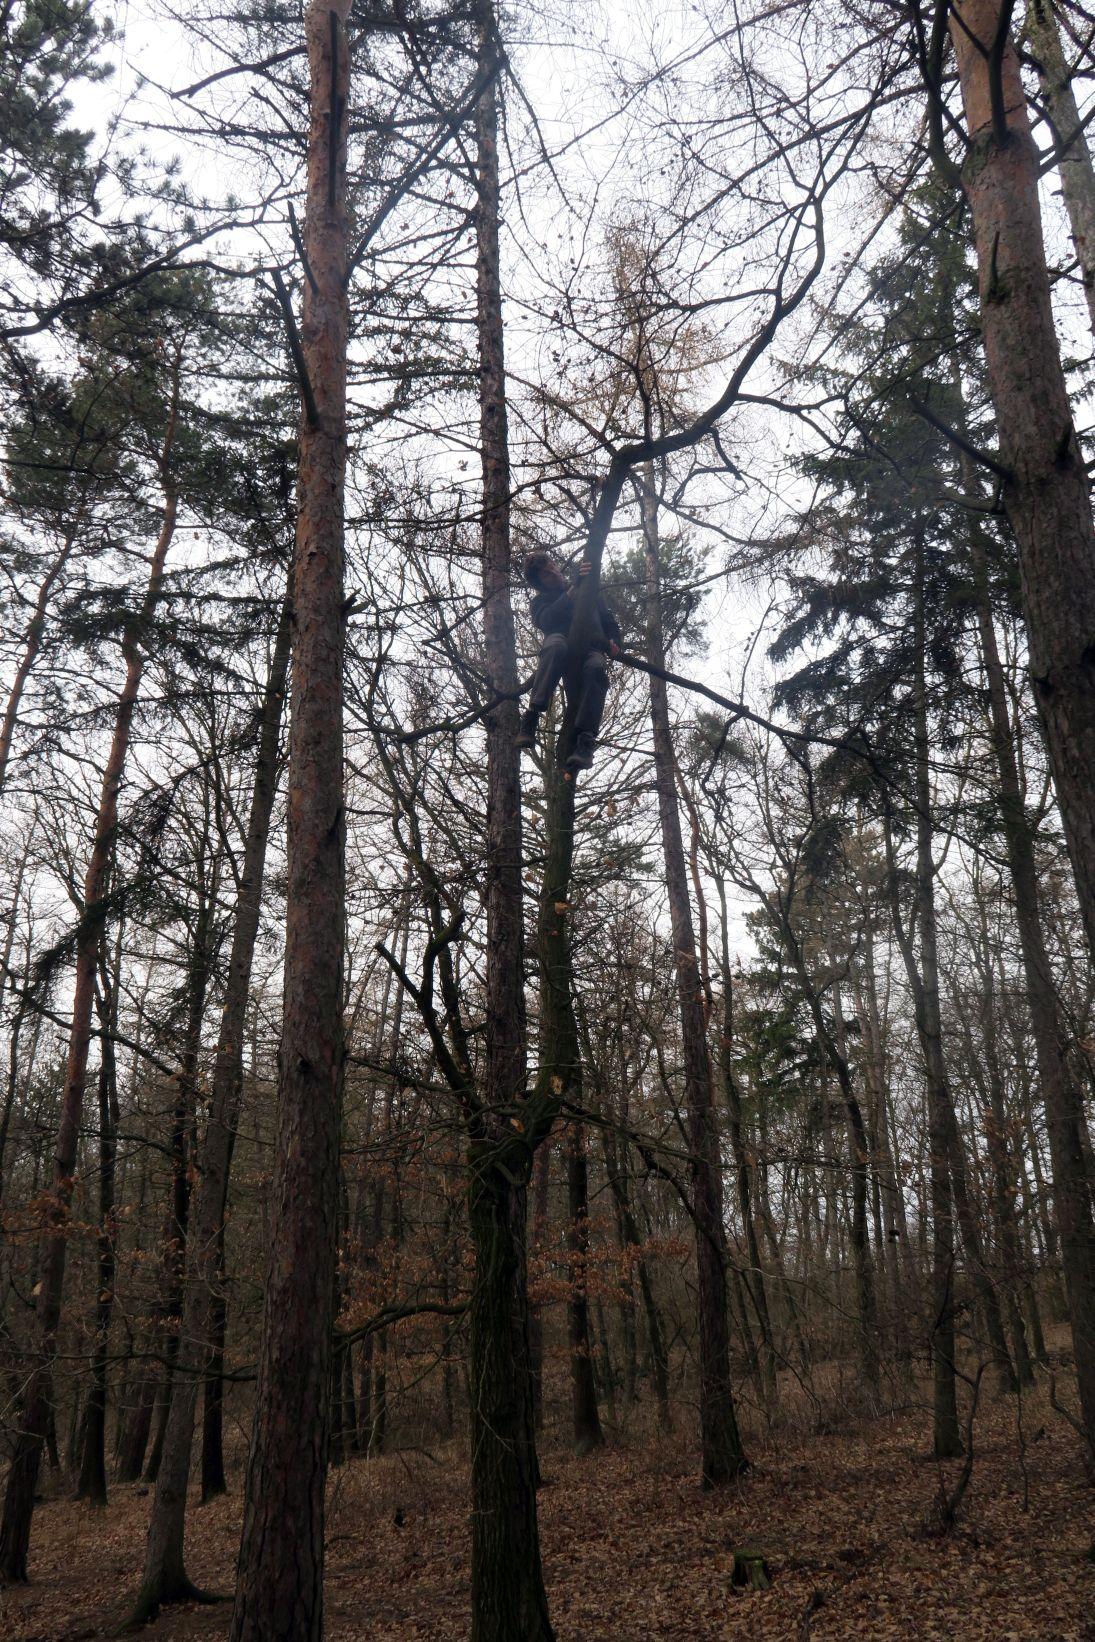 Jimmy si osedlal strom v pěkné výšce